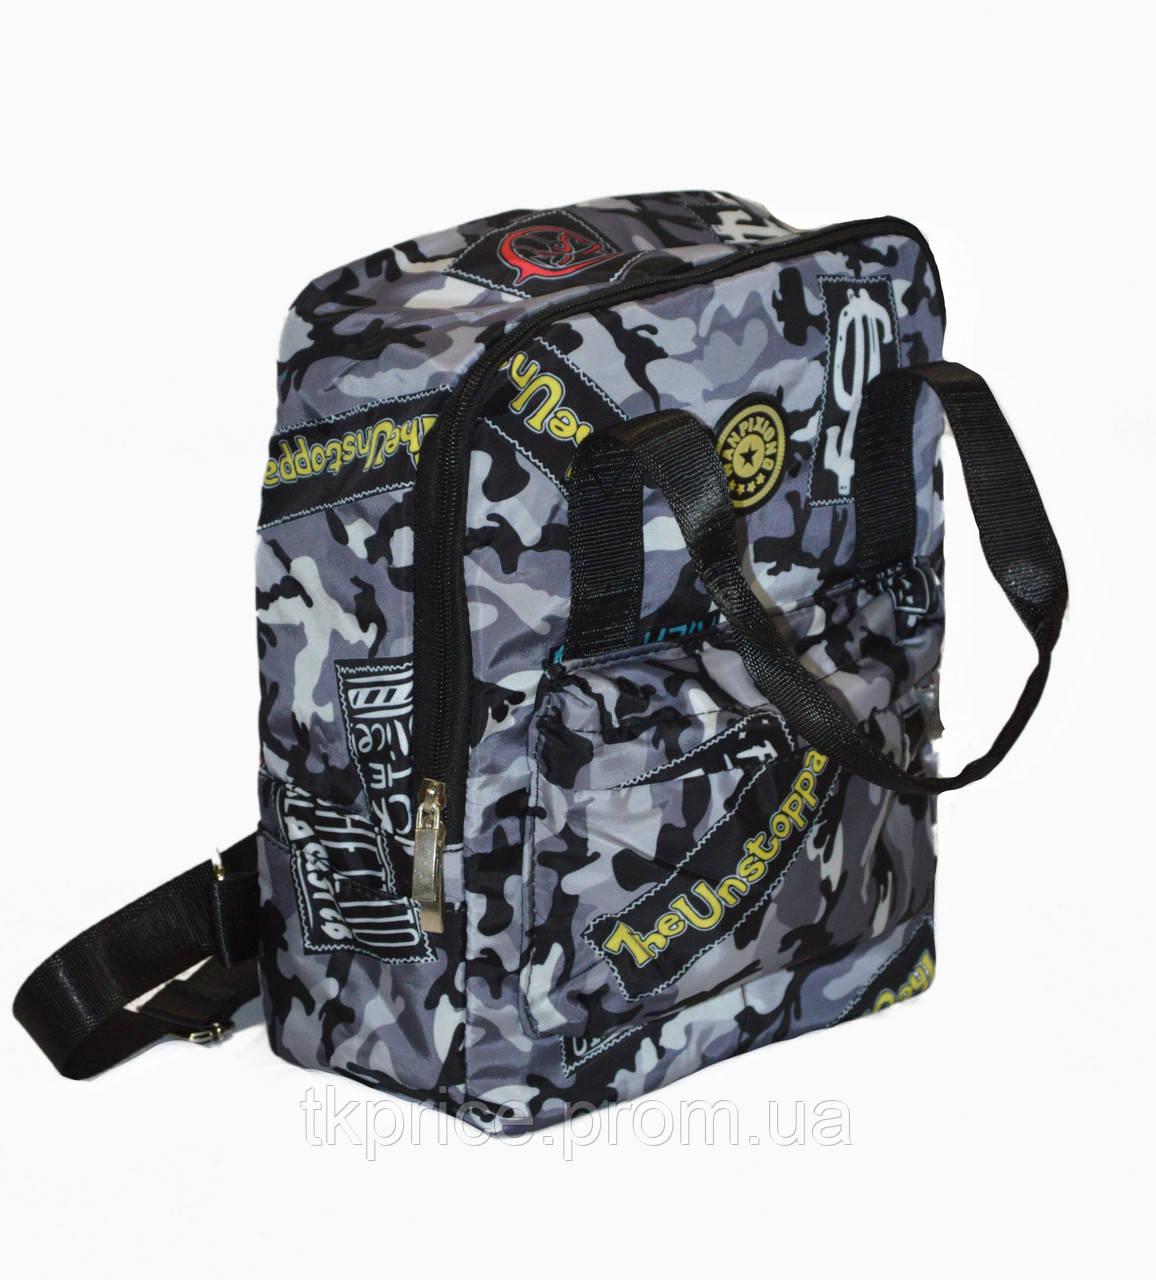 Прогулочная сумка-рюкзак камуфляжная